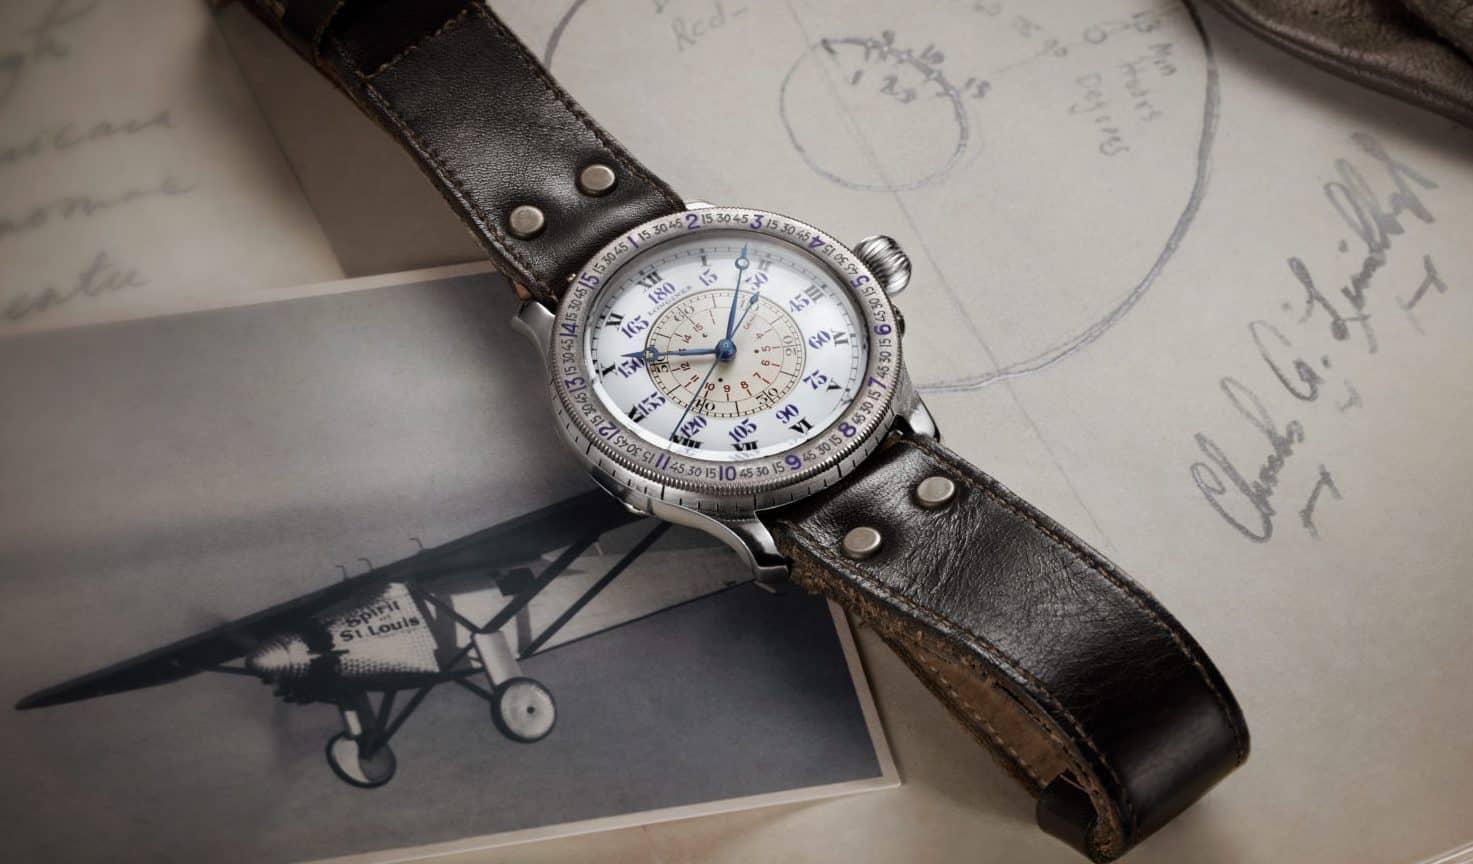 Longines widmet diese Stundenwinkel-Uhr dem berühmten Vorbild - Charles Lindbergh